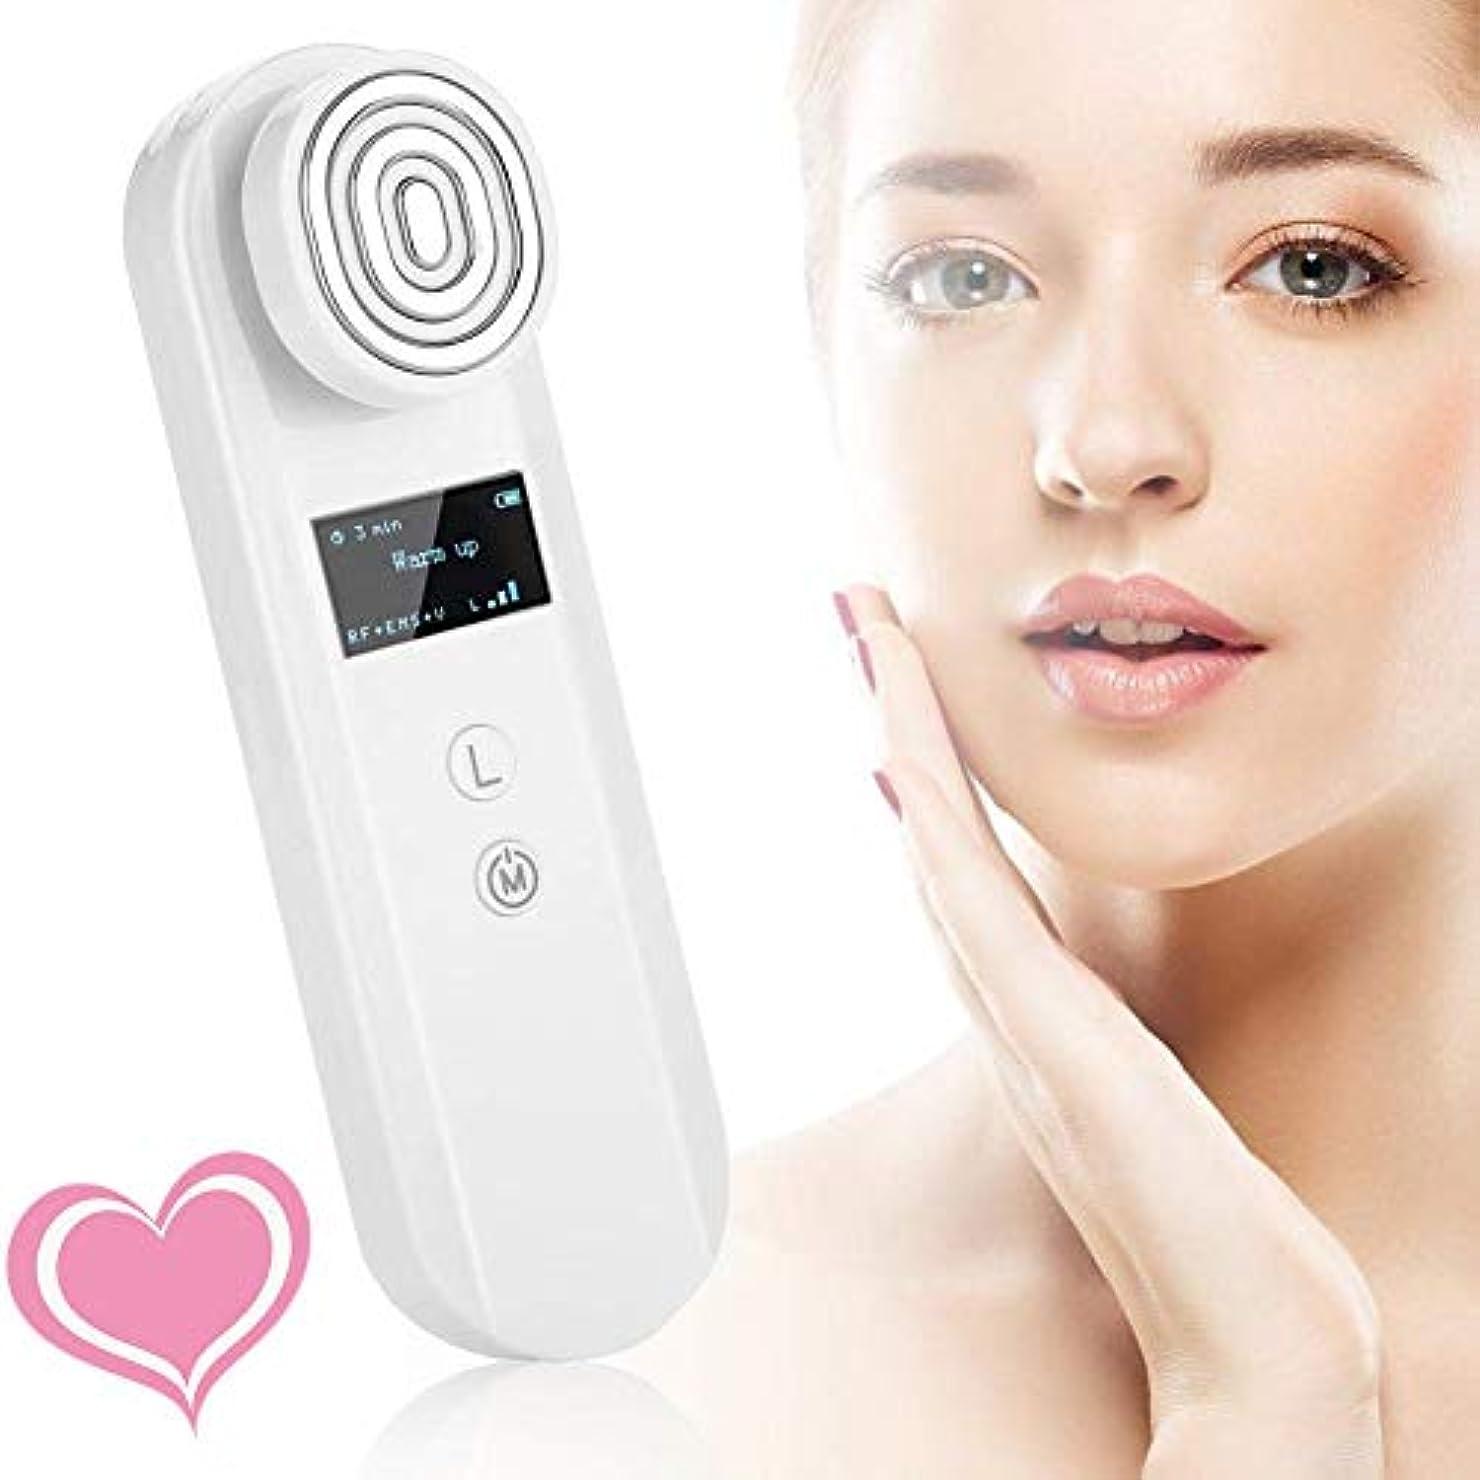 光の香ばしいキャンドルソニックフェイシャルマッサージデバイスRF理学療法フェイス美容デバイス、美容デバイスしわ除去アンチエイジング、スキンマッサージツール、リフト&しっかりした肌、ホーム&ビューティーサロンポータブル